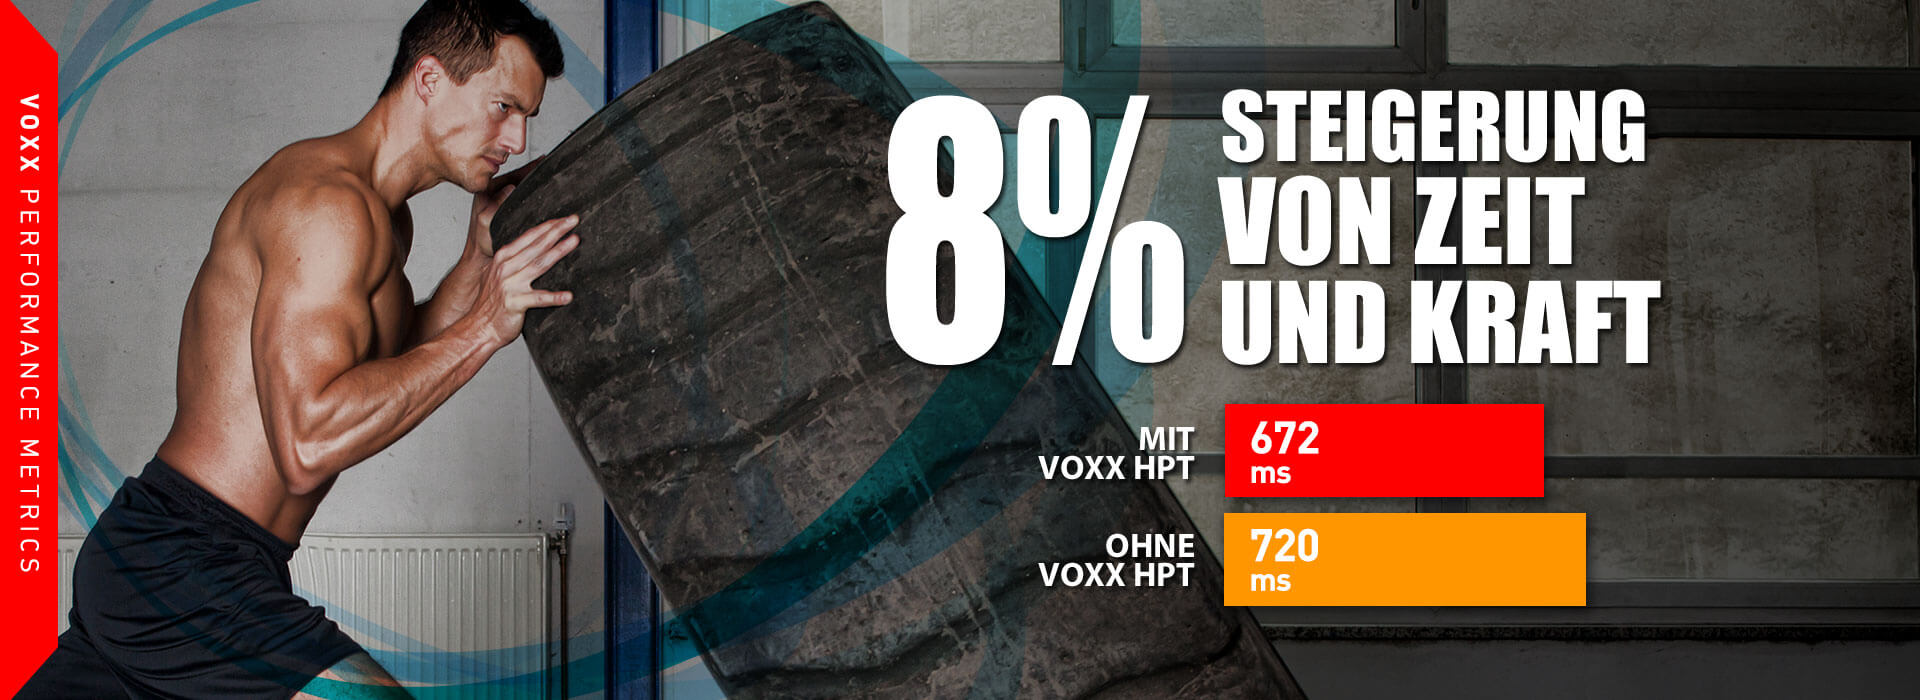 VOXX Wissenschaft 9